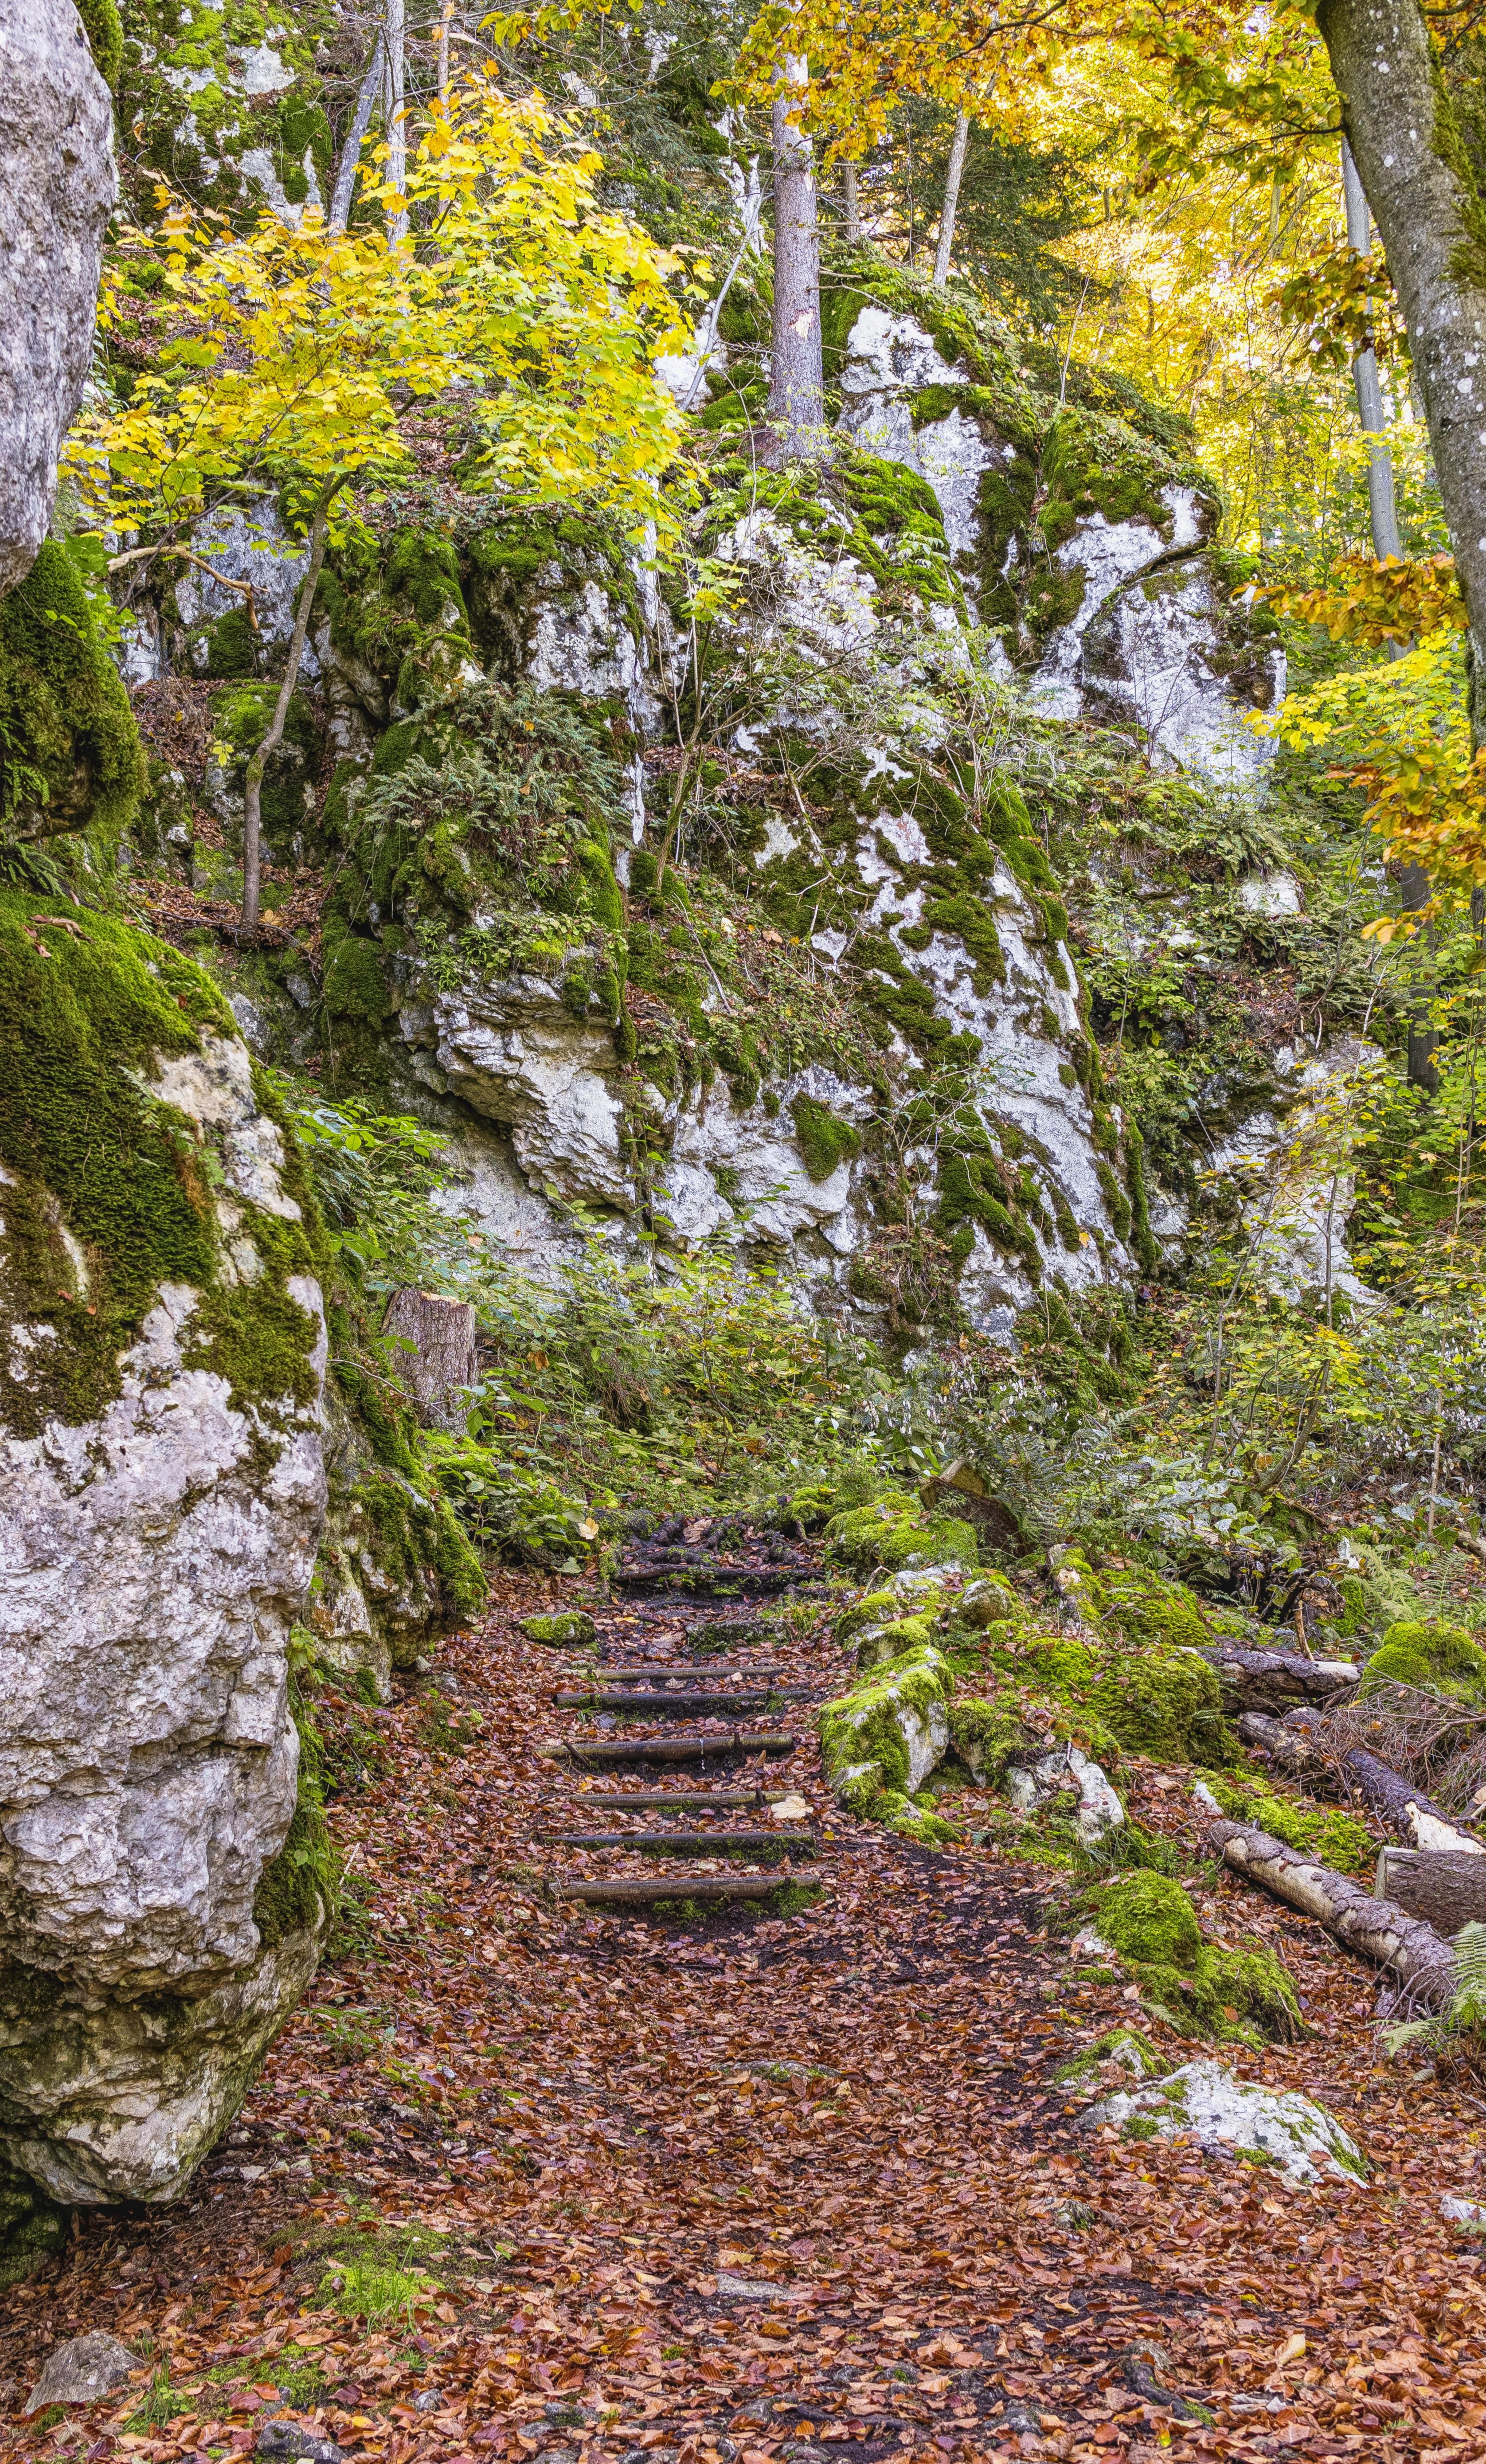 Kostenlose foto : Natur, Wald, Blatt, Vegetation, Baum, Abscheulich ...